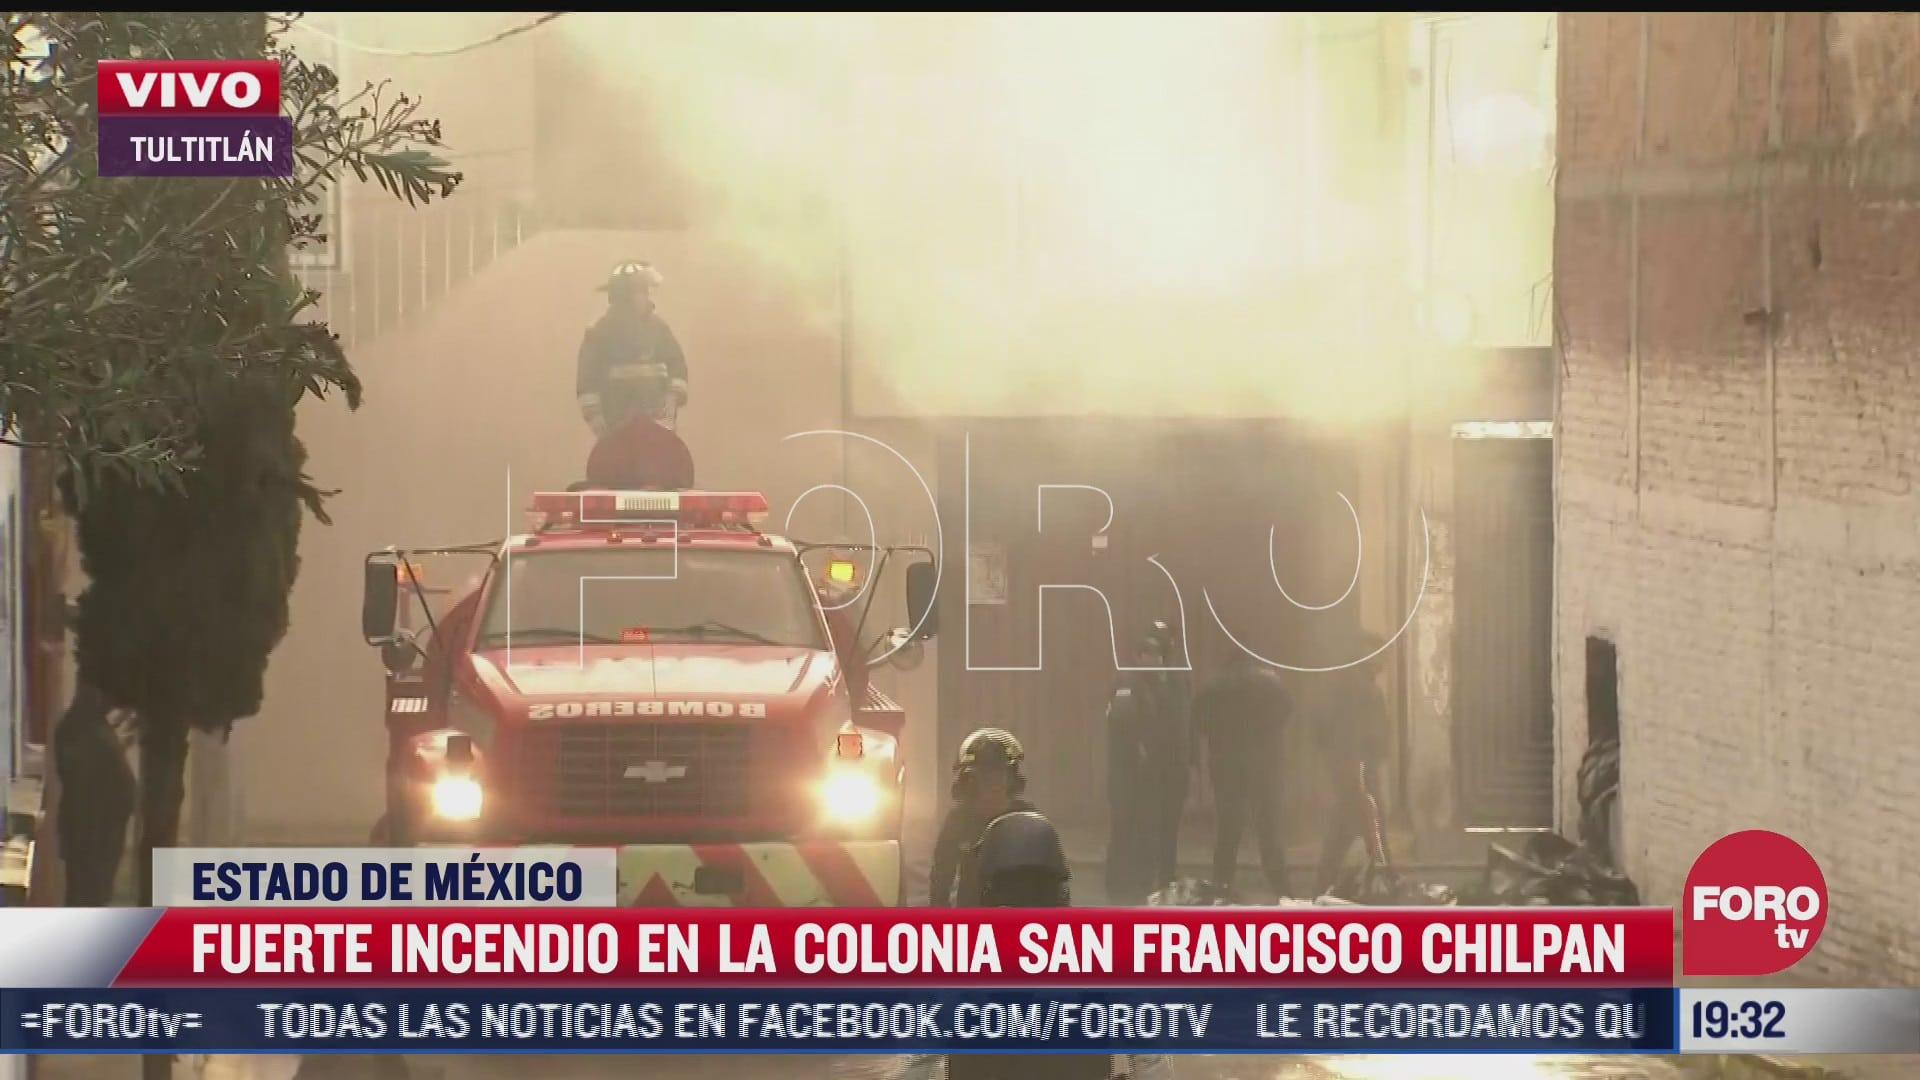 se registra incendio en tultitlan estado de mexico